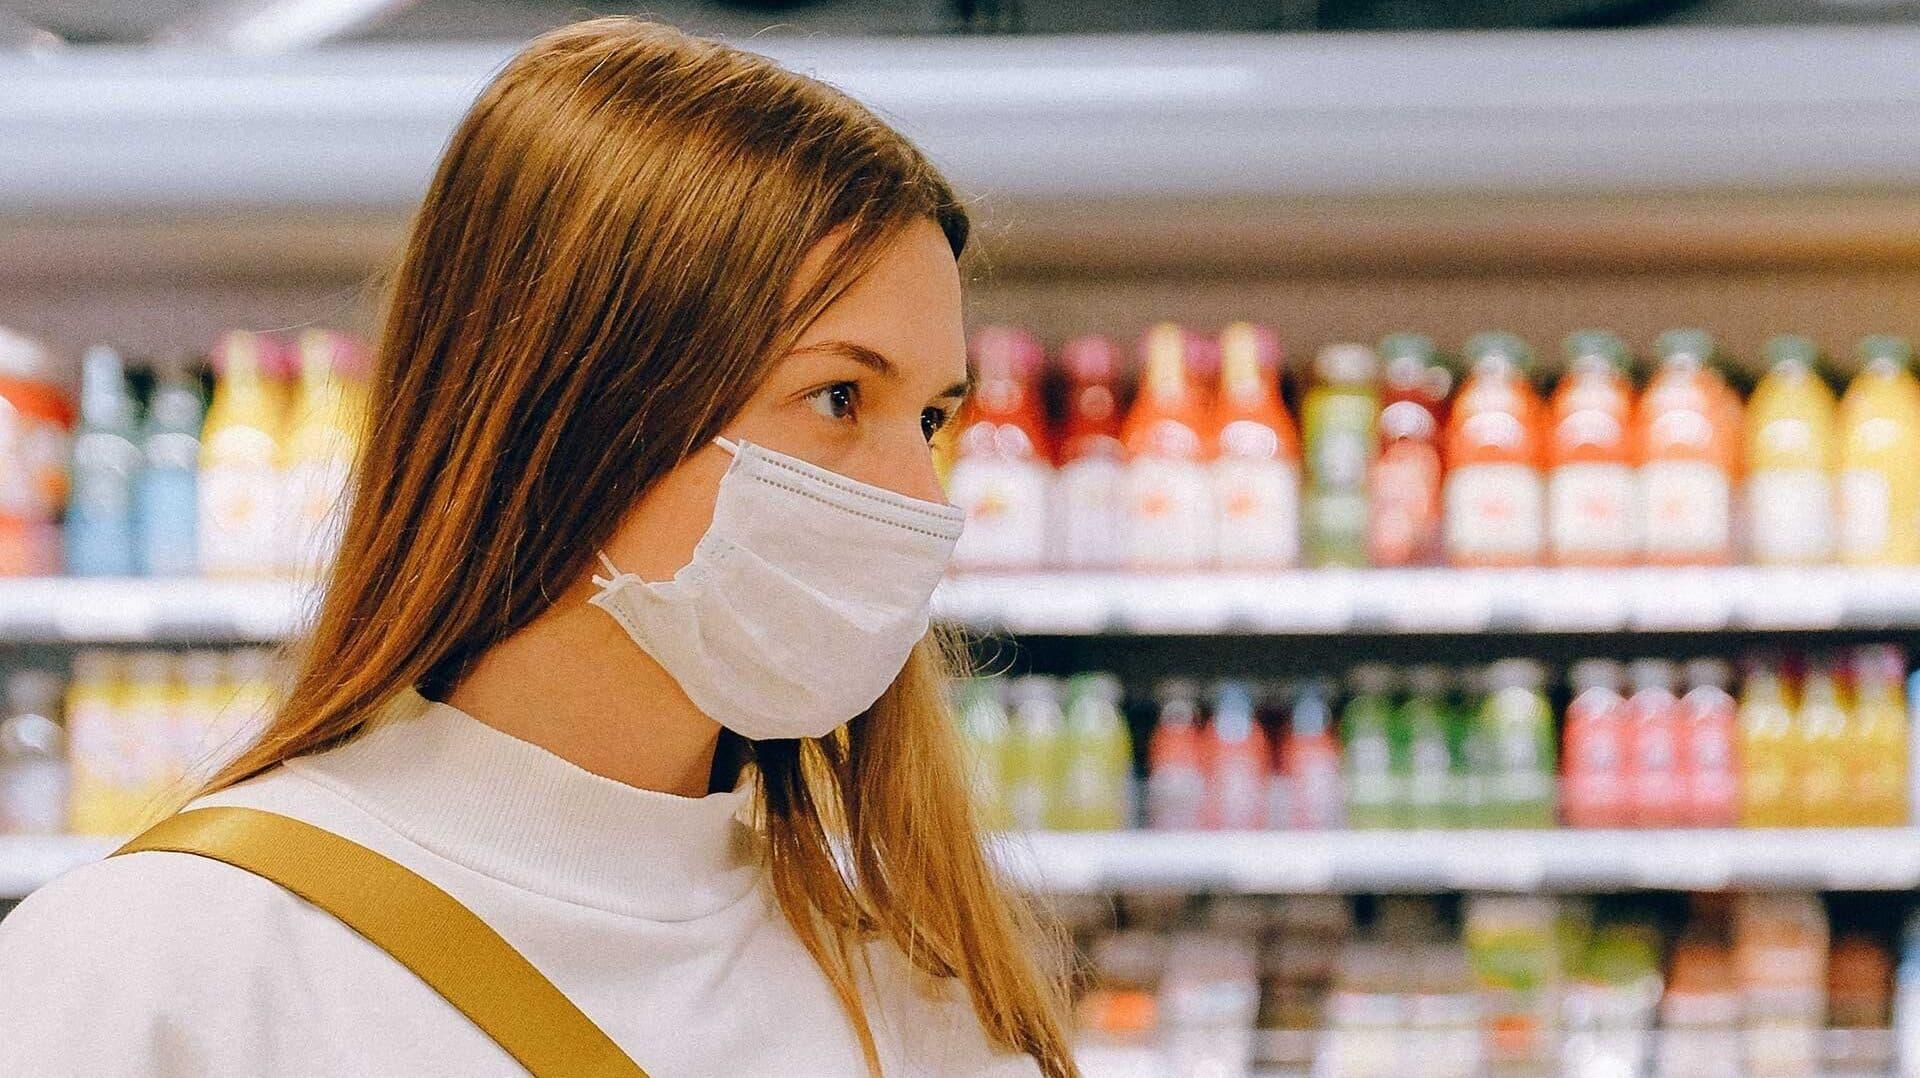 Kundin mit Mund-Nasen-Schutz im Lebensmittelgeschäft